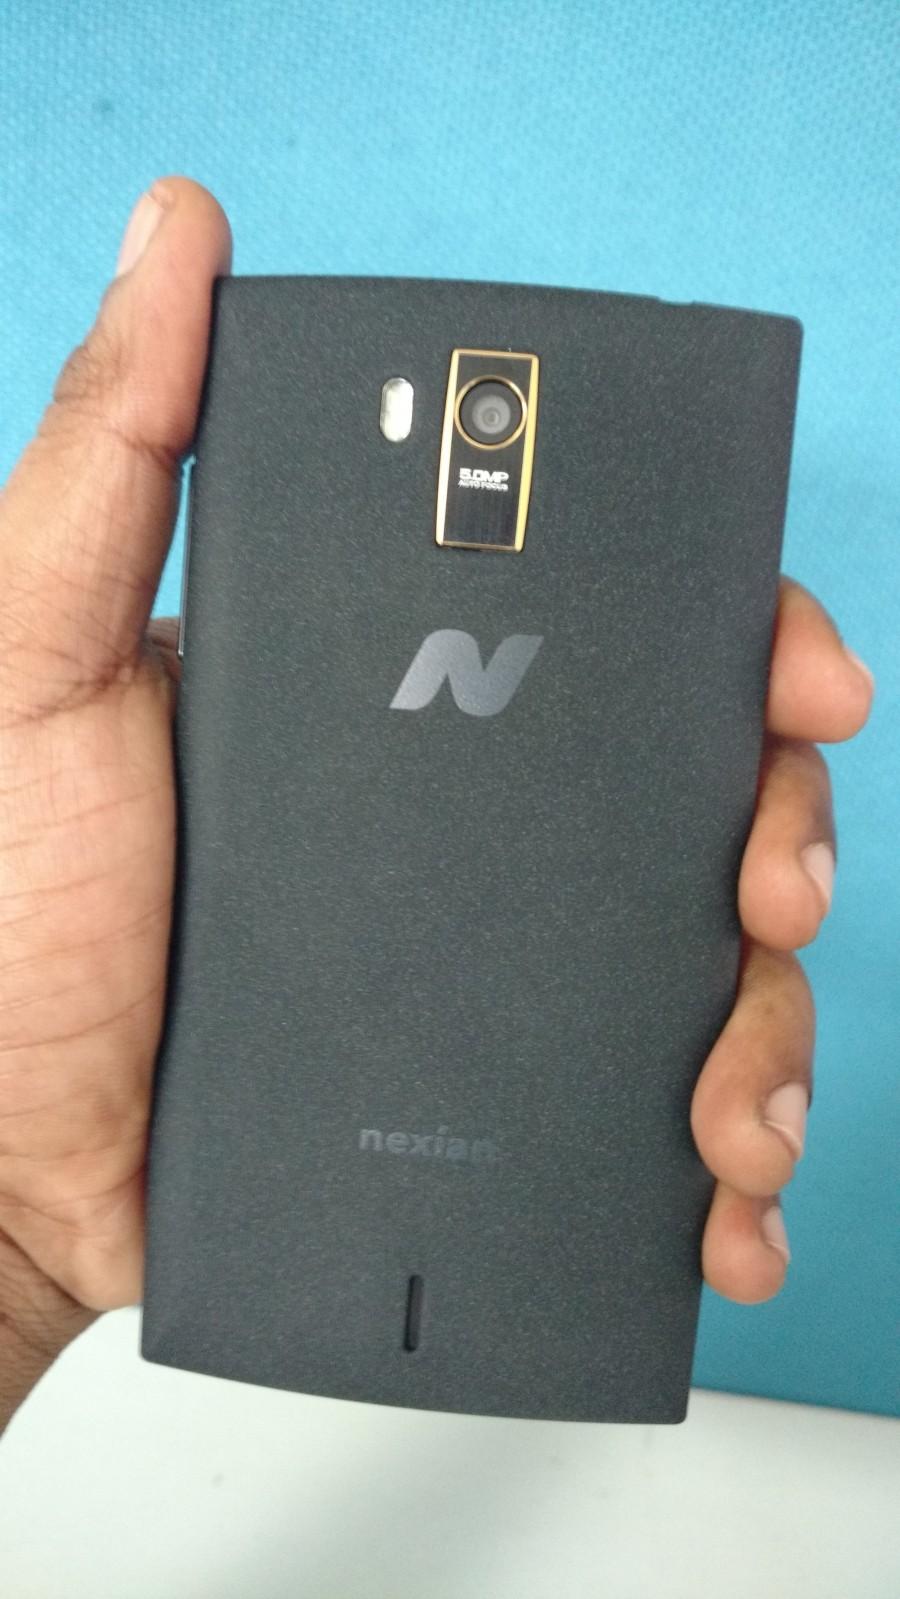 Spice Nexian NV-45,Nexian NV-45